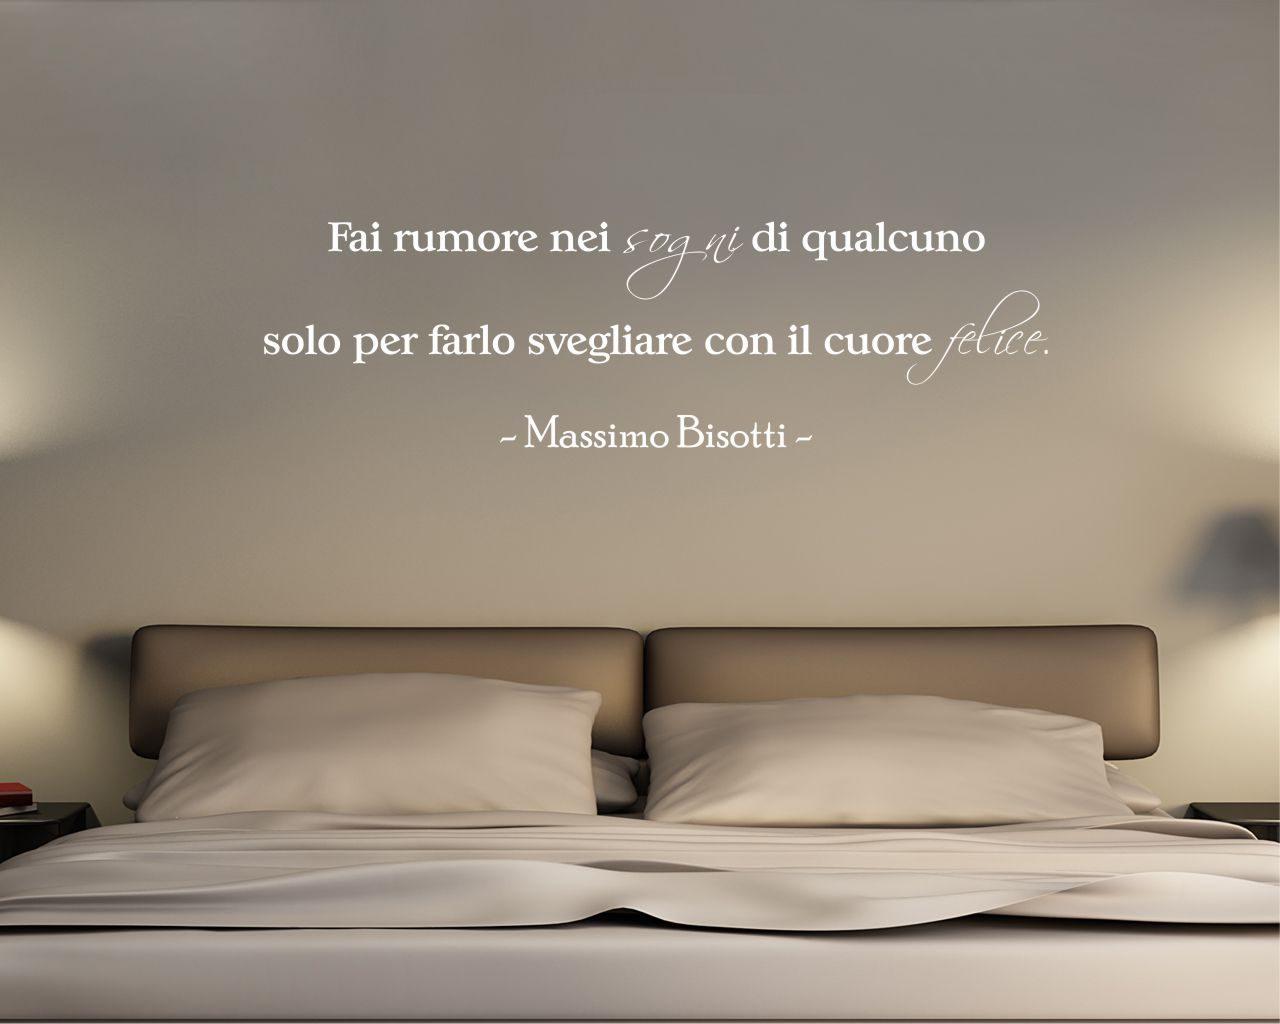 E ovunque buongiorno frasi aforismi citazioni - Frasi porche a letto ...